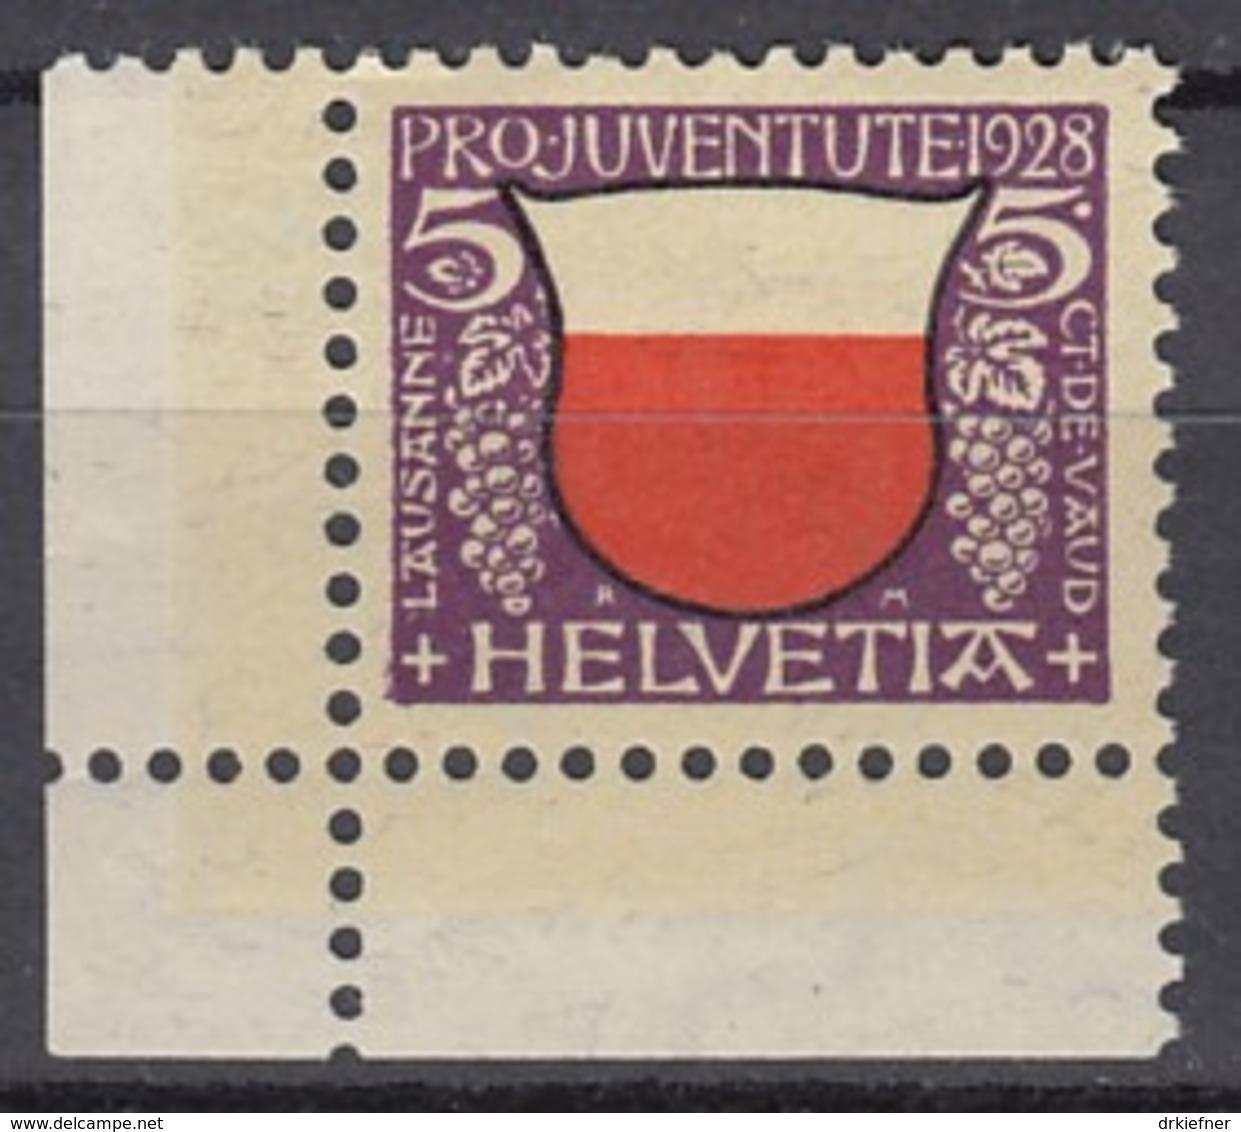 SCHWEIZ, 229, Eckrand Ul, Postfrisch **, Pro Juventute 1928 - Pro Juventute